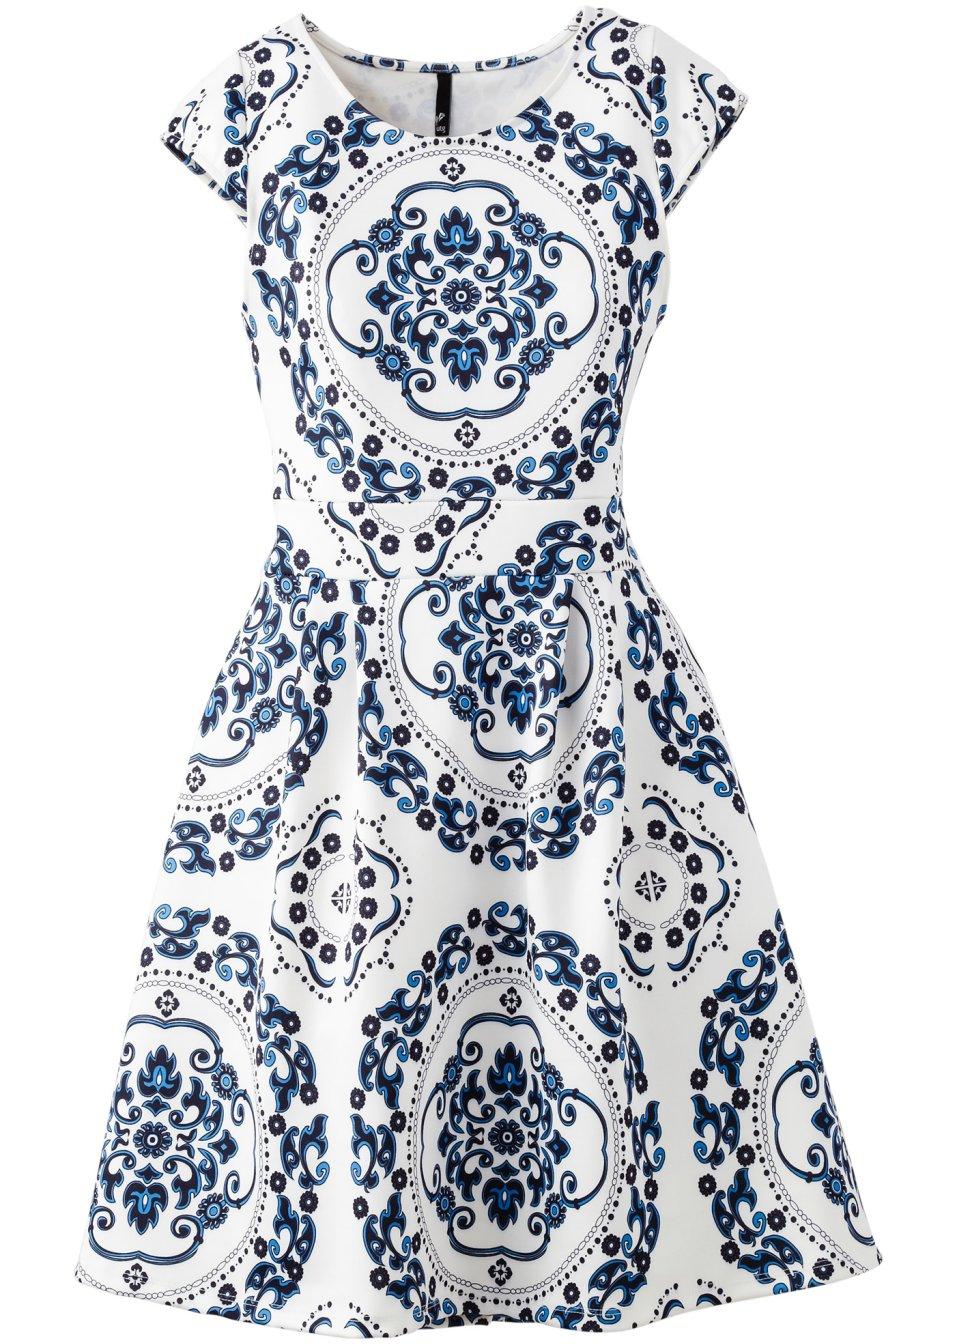 snedknäppt klänning i storlek 40 • övertygad finns på PricePi.com. 932db577c4b4e